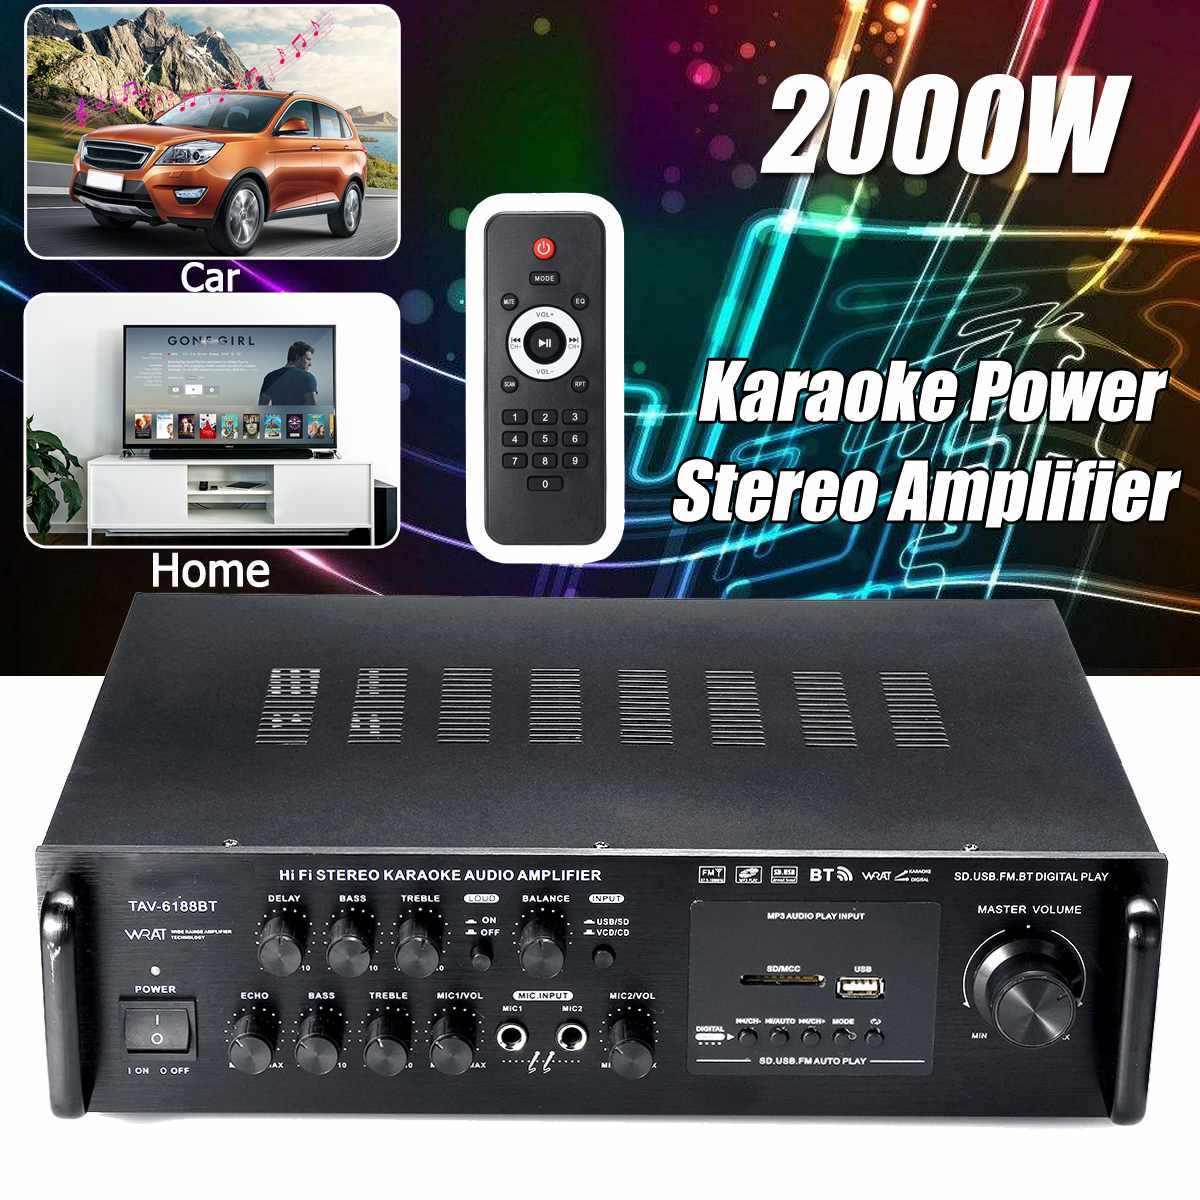 2000 Вт аудио усилитель дома автомобиля звук Bluetooth стерео усилитель мощности для караоке Динамик поддержкой USB, SD карт памяти, fm-радио, Bluetooth, плеер